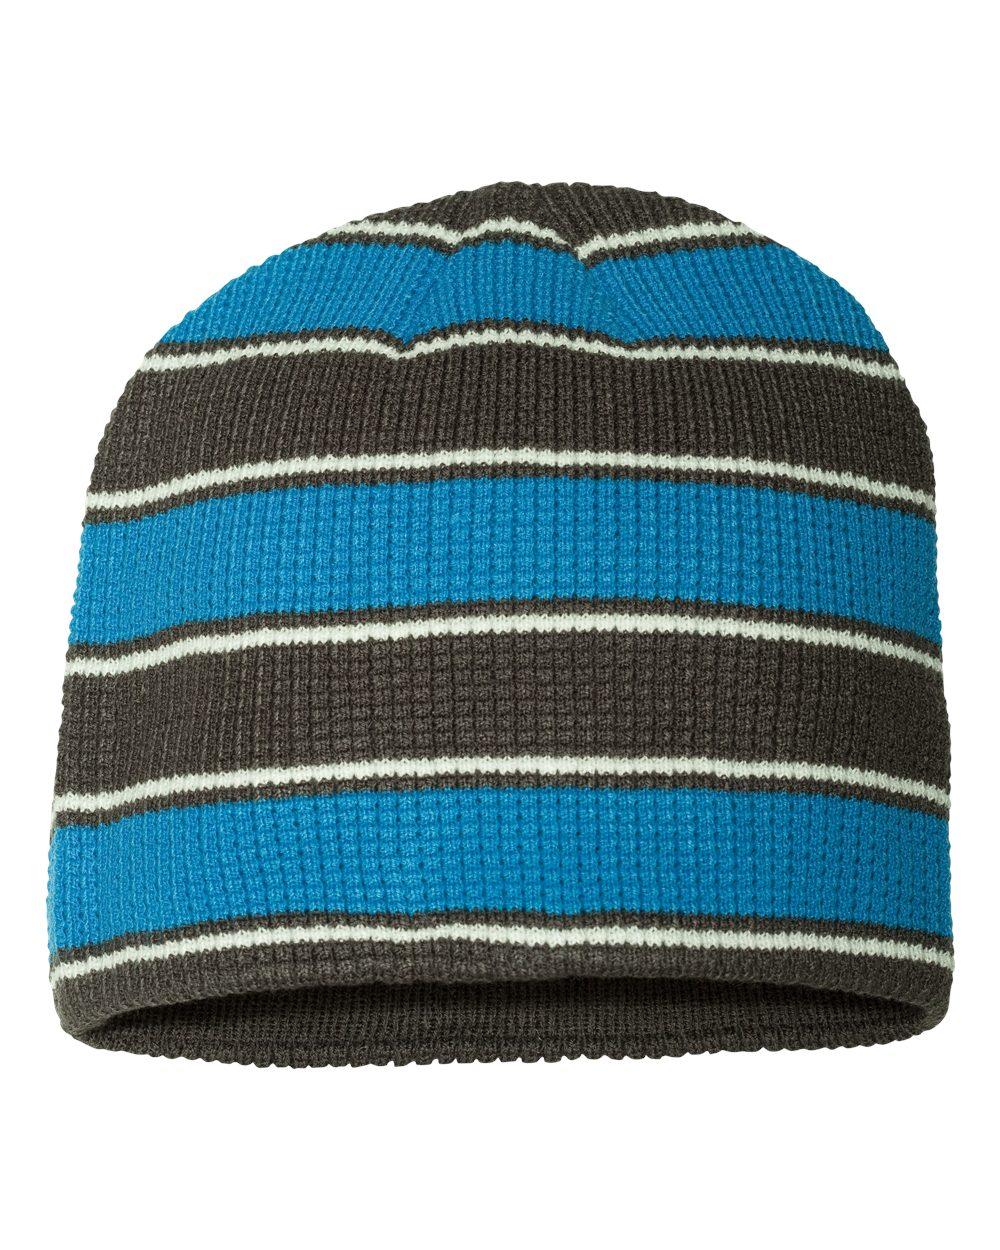 Sportsman Waffle Knit Cap - SP50